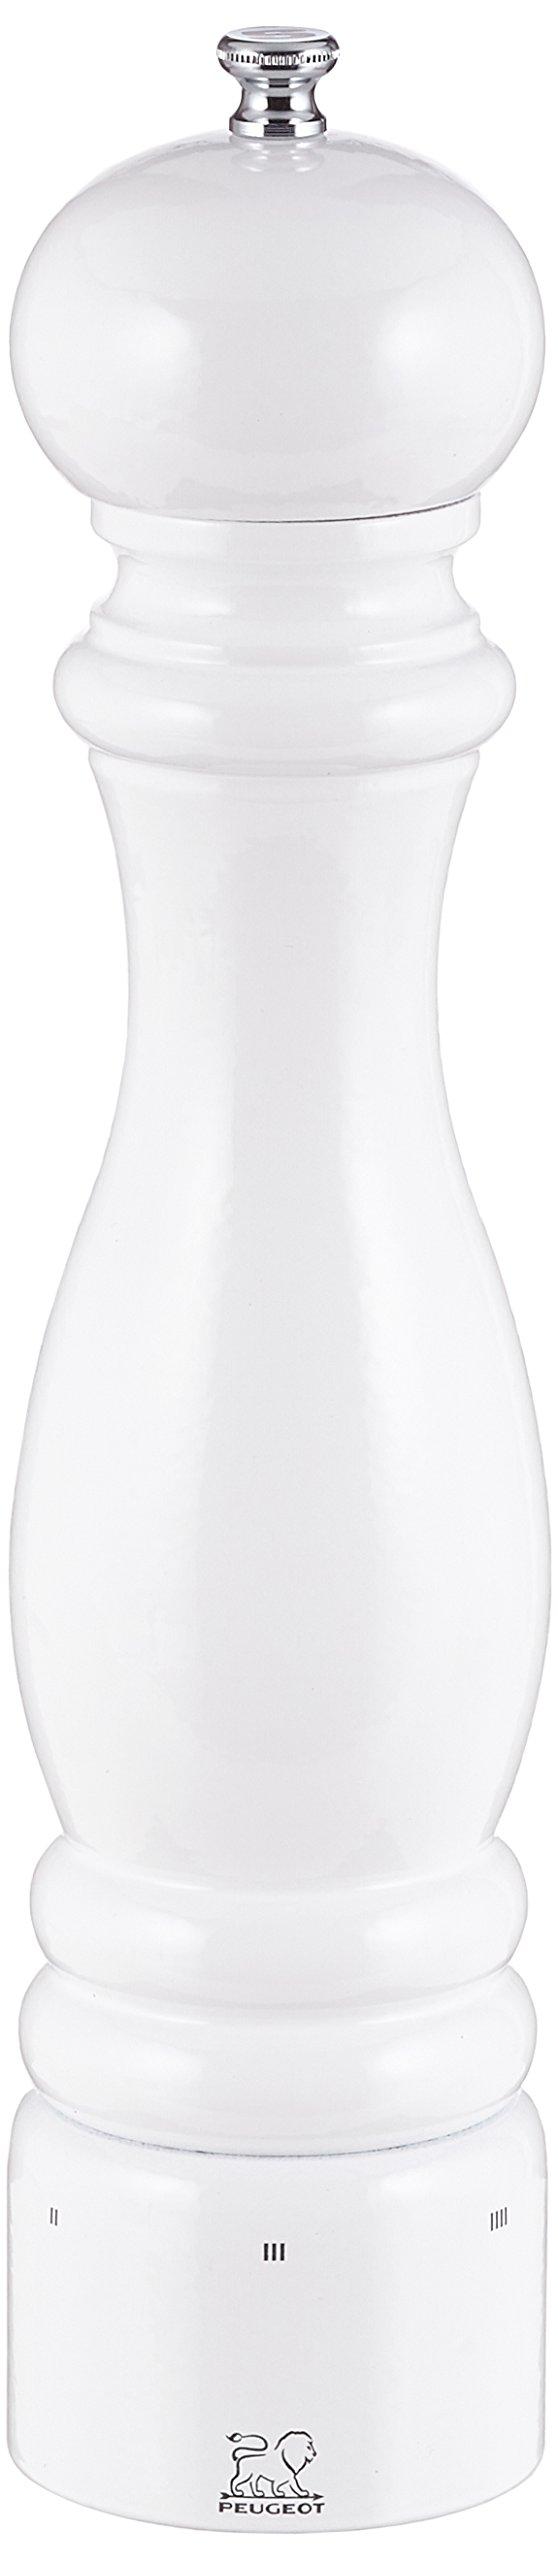 Peugeot 27858 Paris U'Select 12-Inch Salt Mill, White Lacquer